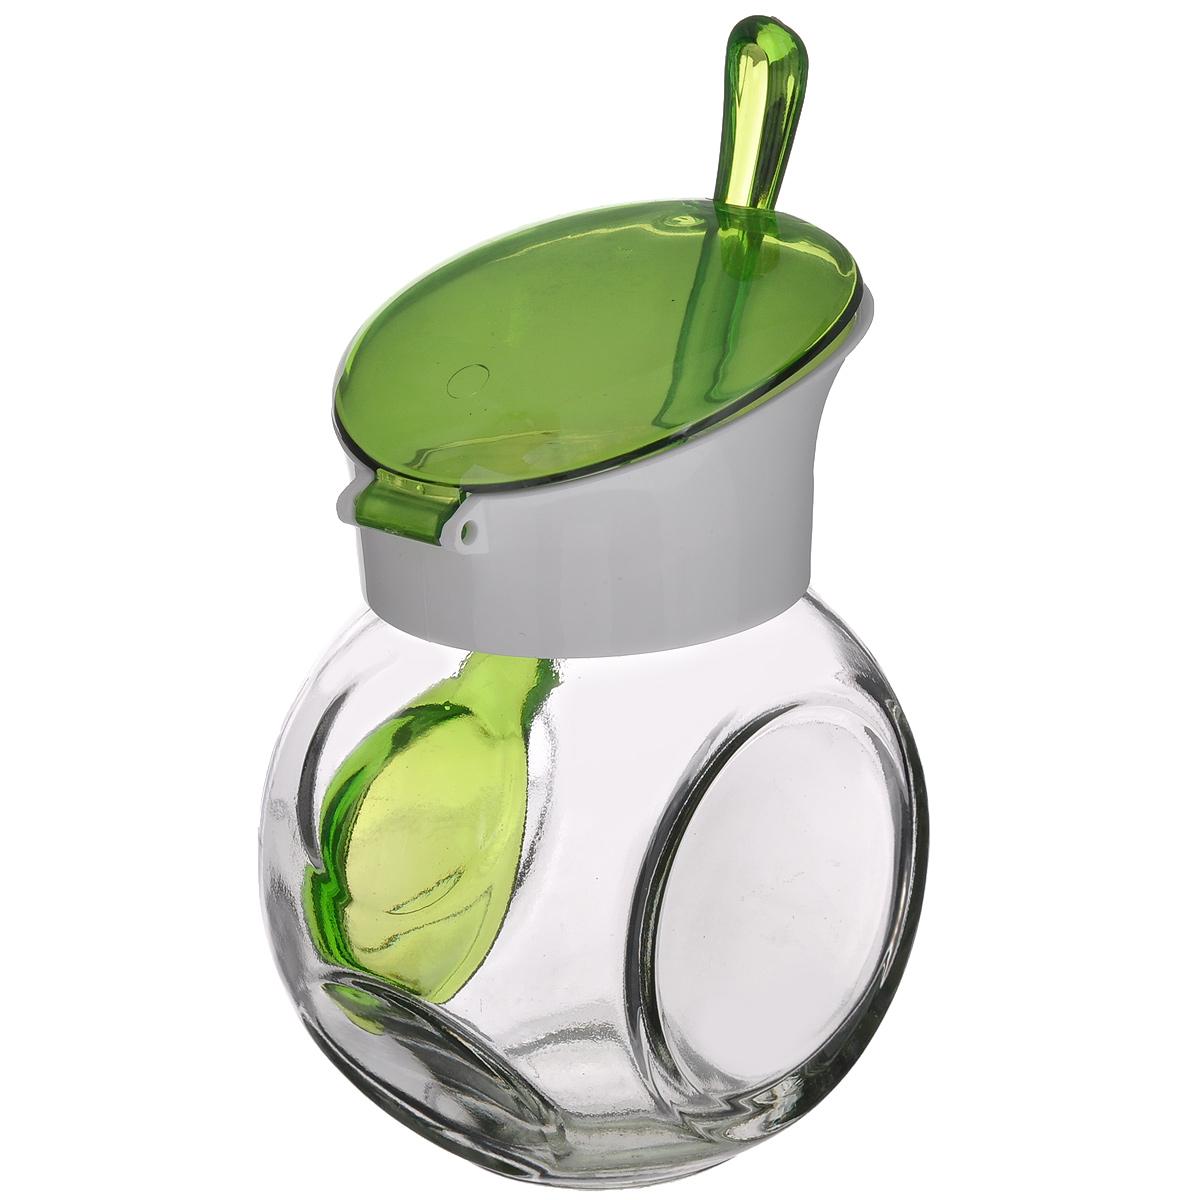 Емкость для соуса Herevin, с ложкой, цвет: зеленый, белый, 225 мл131004-000_зеленый, белыйЕмкость для соуса Herevin изготовлена из прочного стекла. Банка оснащена пластиковой откидной крышкой и ложкой. Изделие предназначено для хранения различных соусов. Функциональная и вместительная, такая банка станет незаменимым аксессуаром на любой кухне. Можно мыть в посудомоечной машине. Пластиковые части рекомендуется мыть вручную.Диаметр (по верхнему краю): 4,5 см.Высота банки (без учета крышки): 8 см.Длина ложки: 13 см.